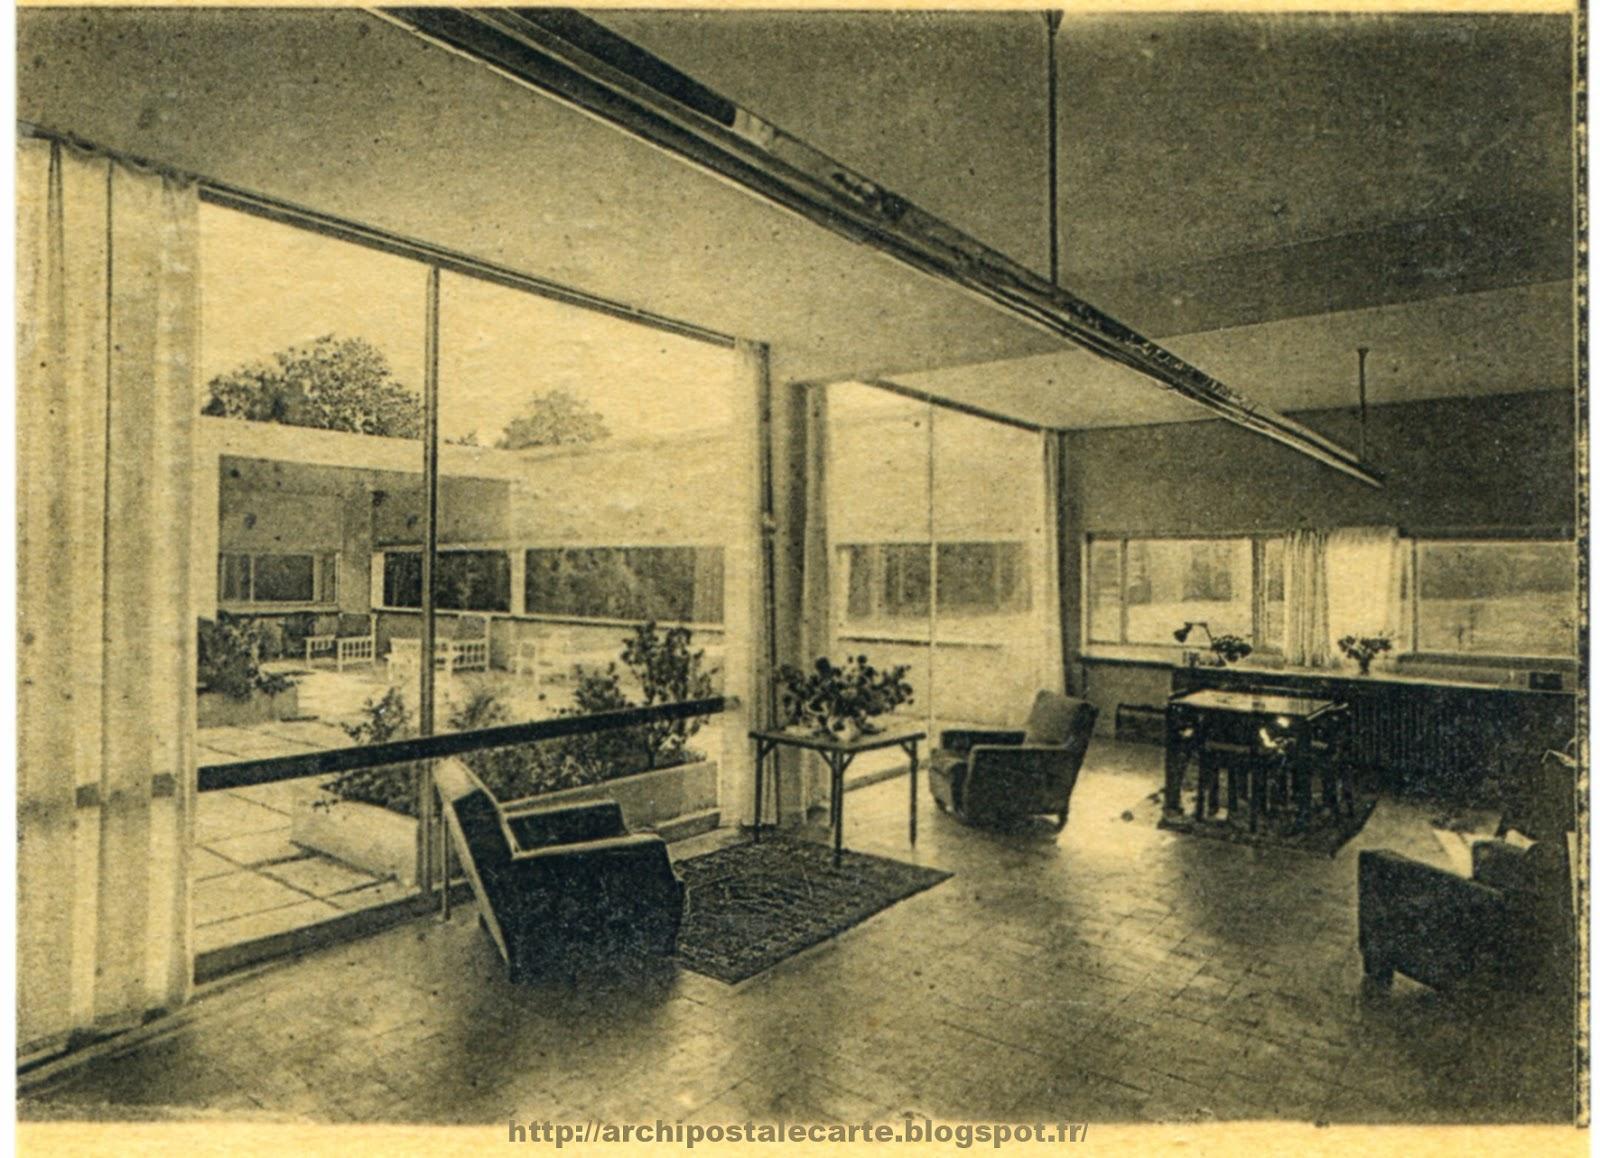 architectures de cartes postales 2 le corbusier pierre chareau andr lur at erich mendelsohn. Black Bedroom Furniture Sets. Home Design Ideas